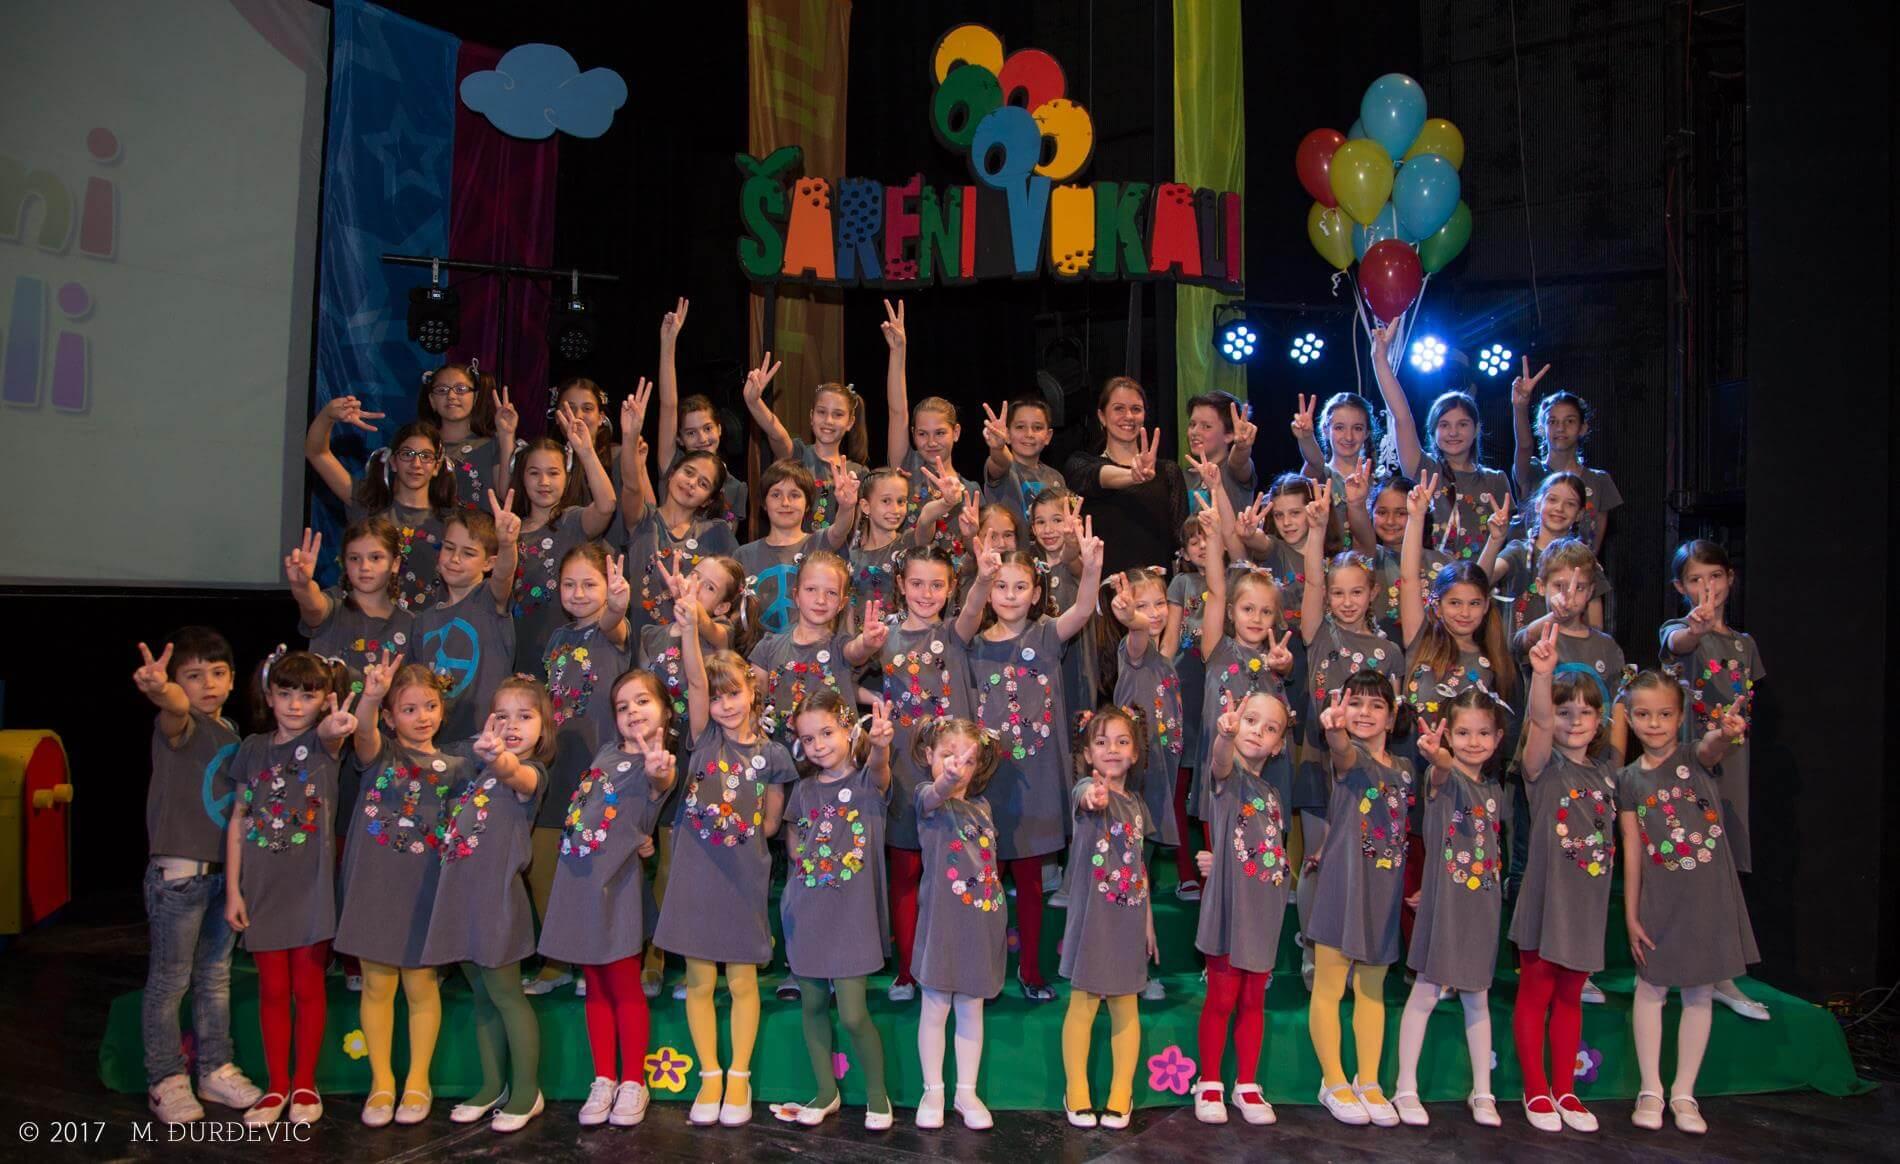 dečiji muzički festival Šareni vokali